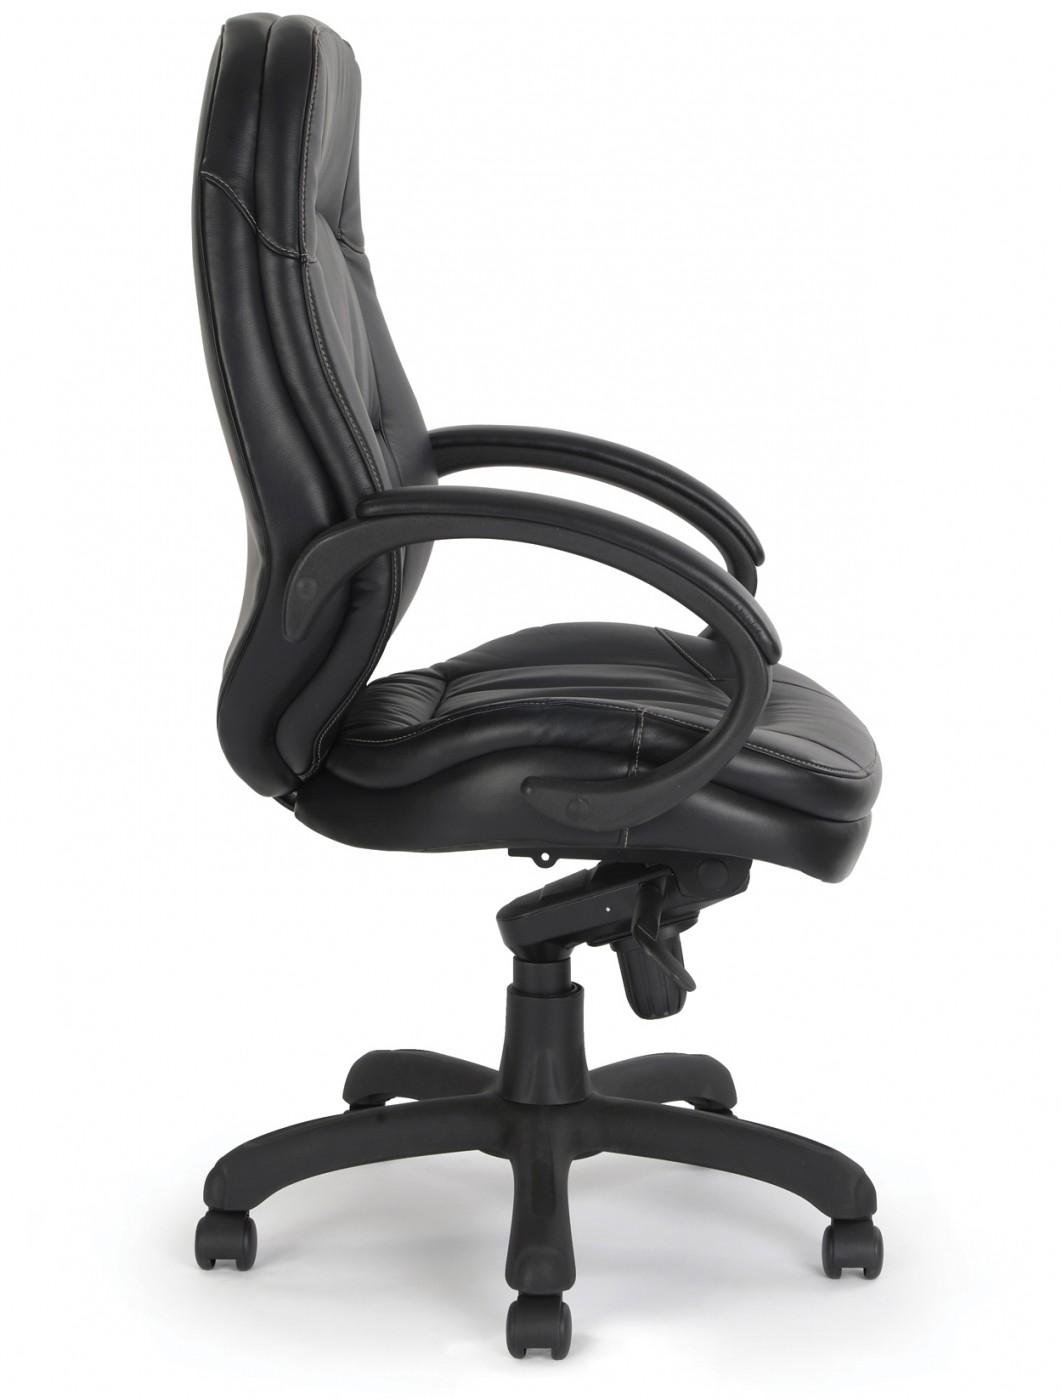 82 office furniture brighton mi ashley furniture for Q furniture brighton co